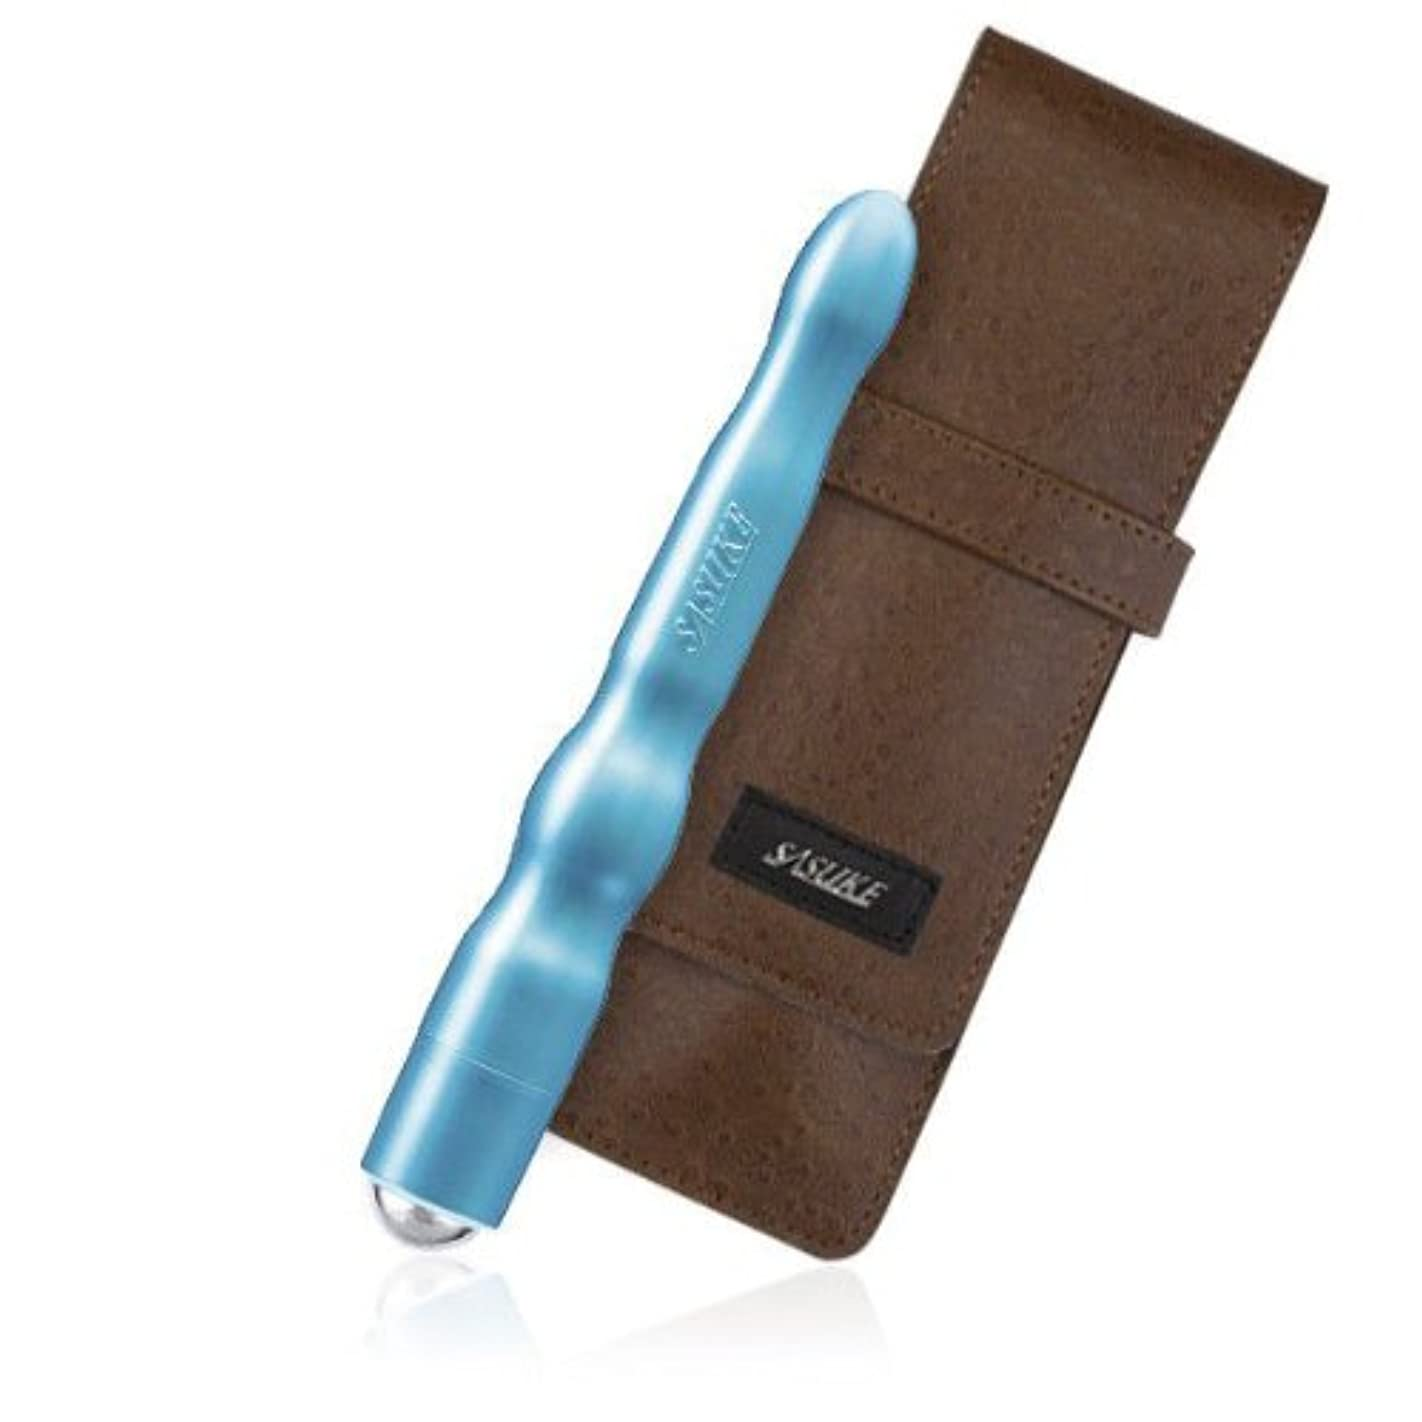 スクラップブック薬用眠りSASUKE ツボ押しローラー (ヒーリングブルー)+ 専用ケース (クラッシックブラウン)セット